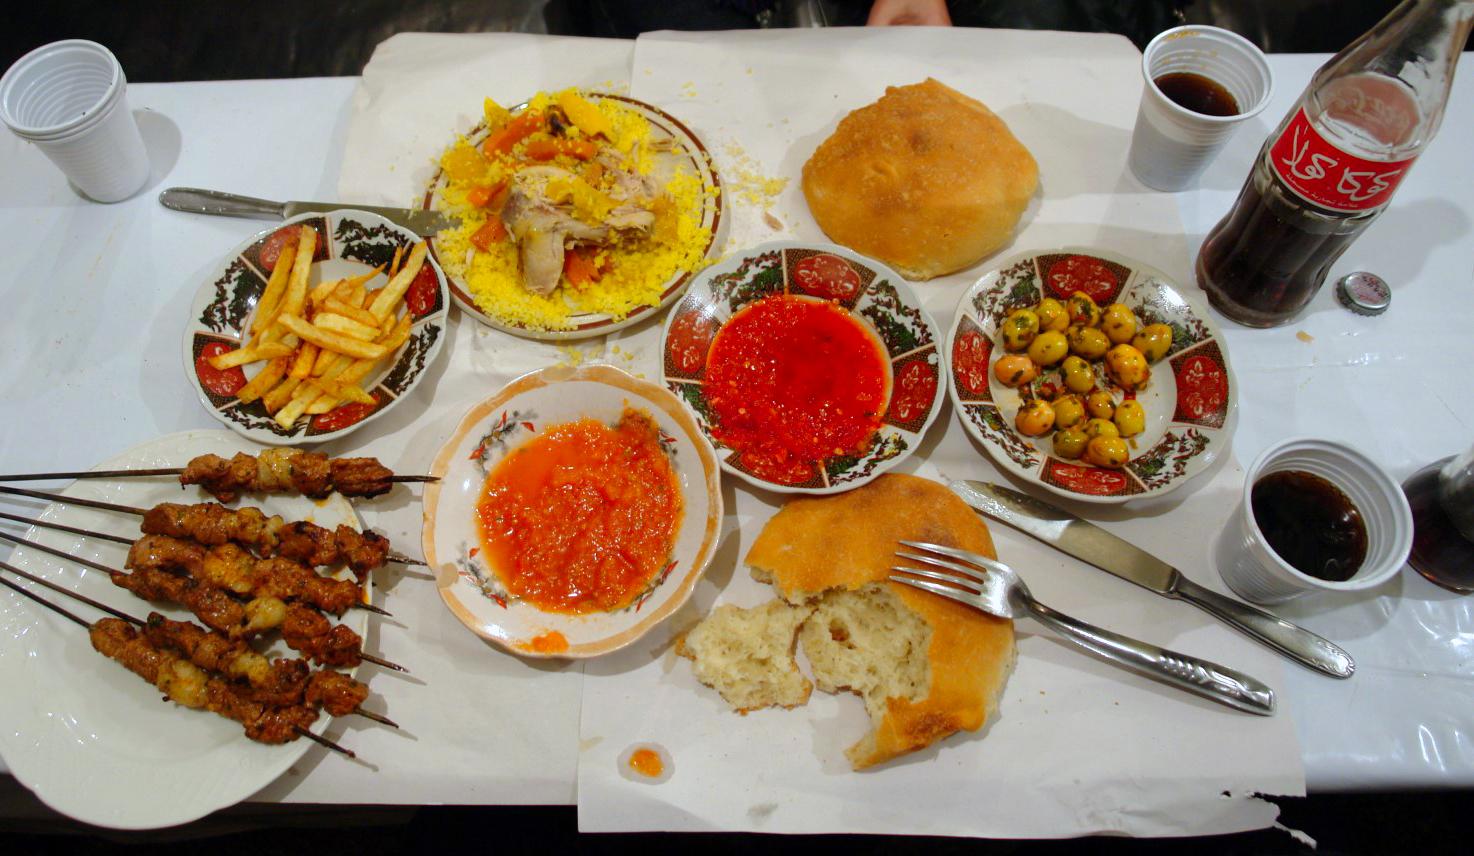 Qué ver en Marruecos - What to visit in Morocco qué ver en marruecos - 34682501445 7b55125ac2 o - Qué ver en Marruecos